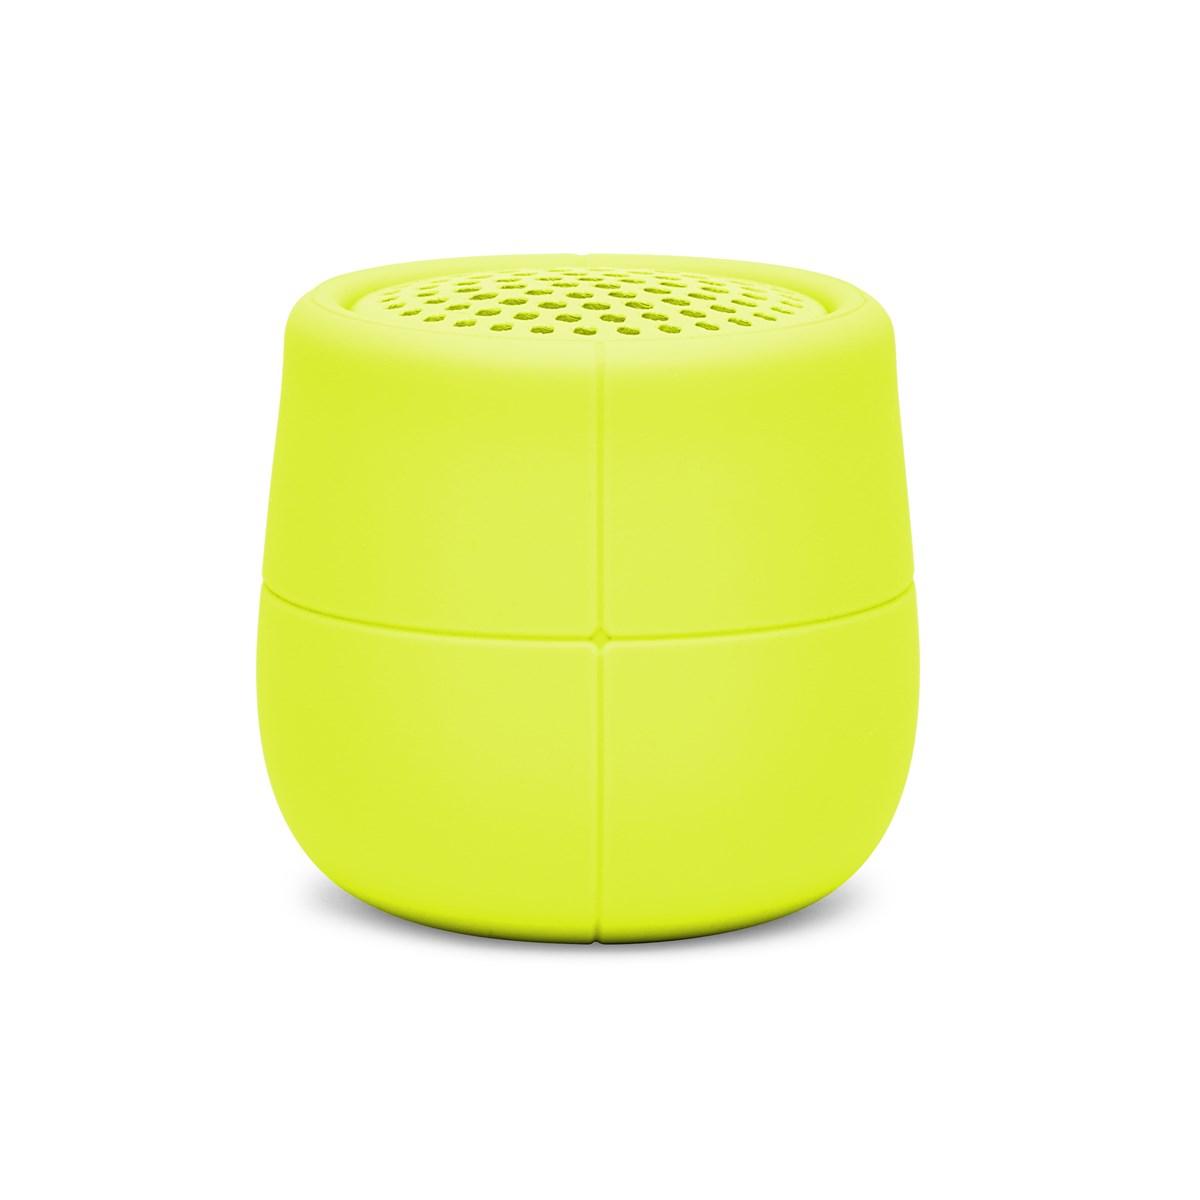 Enceinte flottante Bluetooth en Gomme Jaune